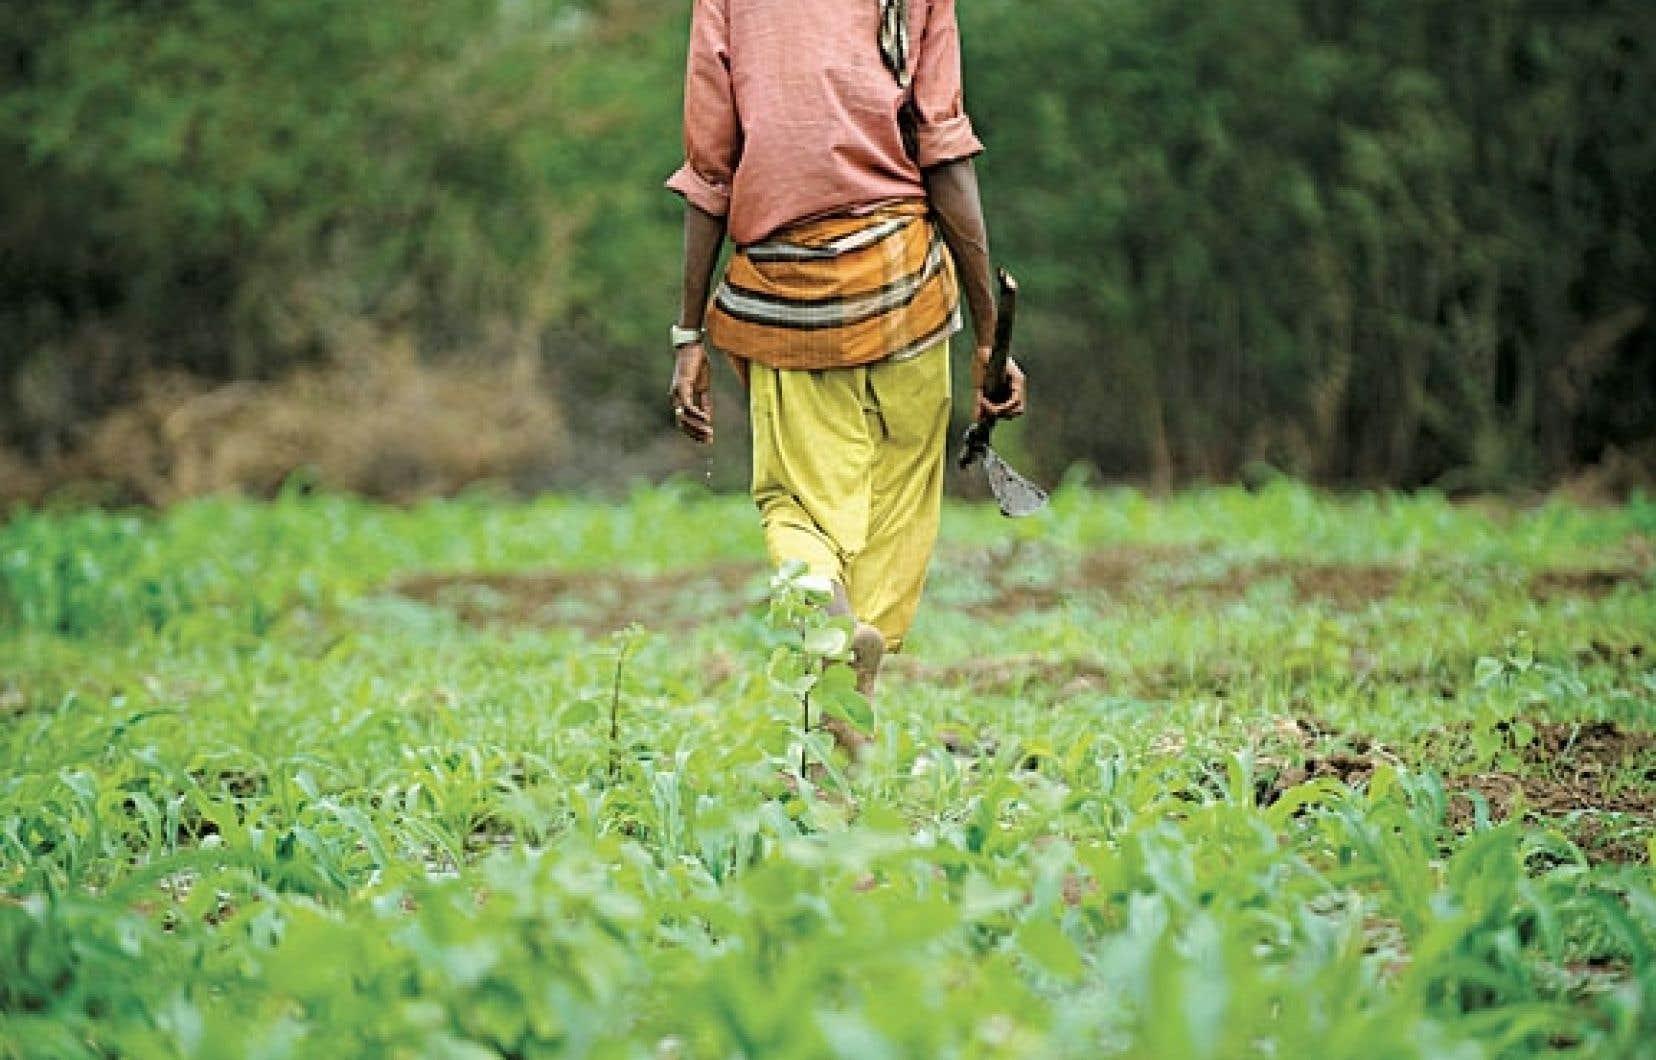 L'Afrique verra à terme sa production agricole totale reculer de 10 % d'ici à 2050, selon la Banque mondiale.